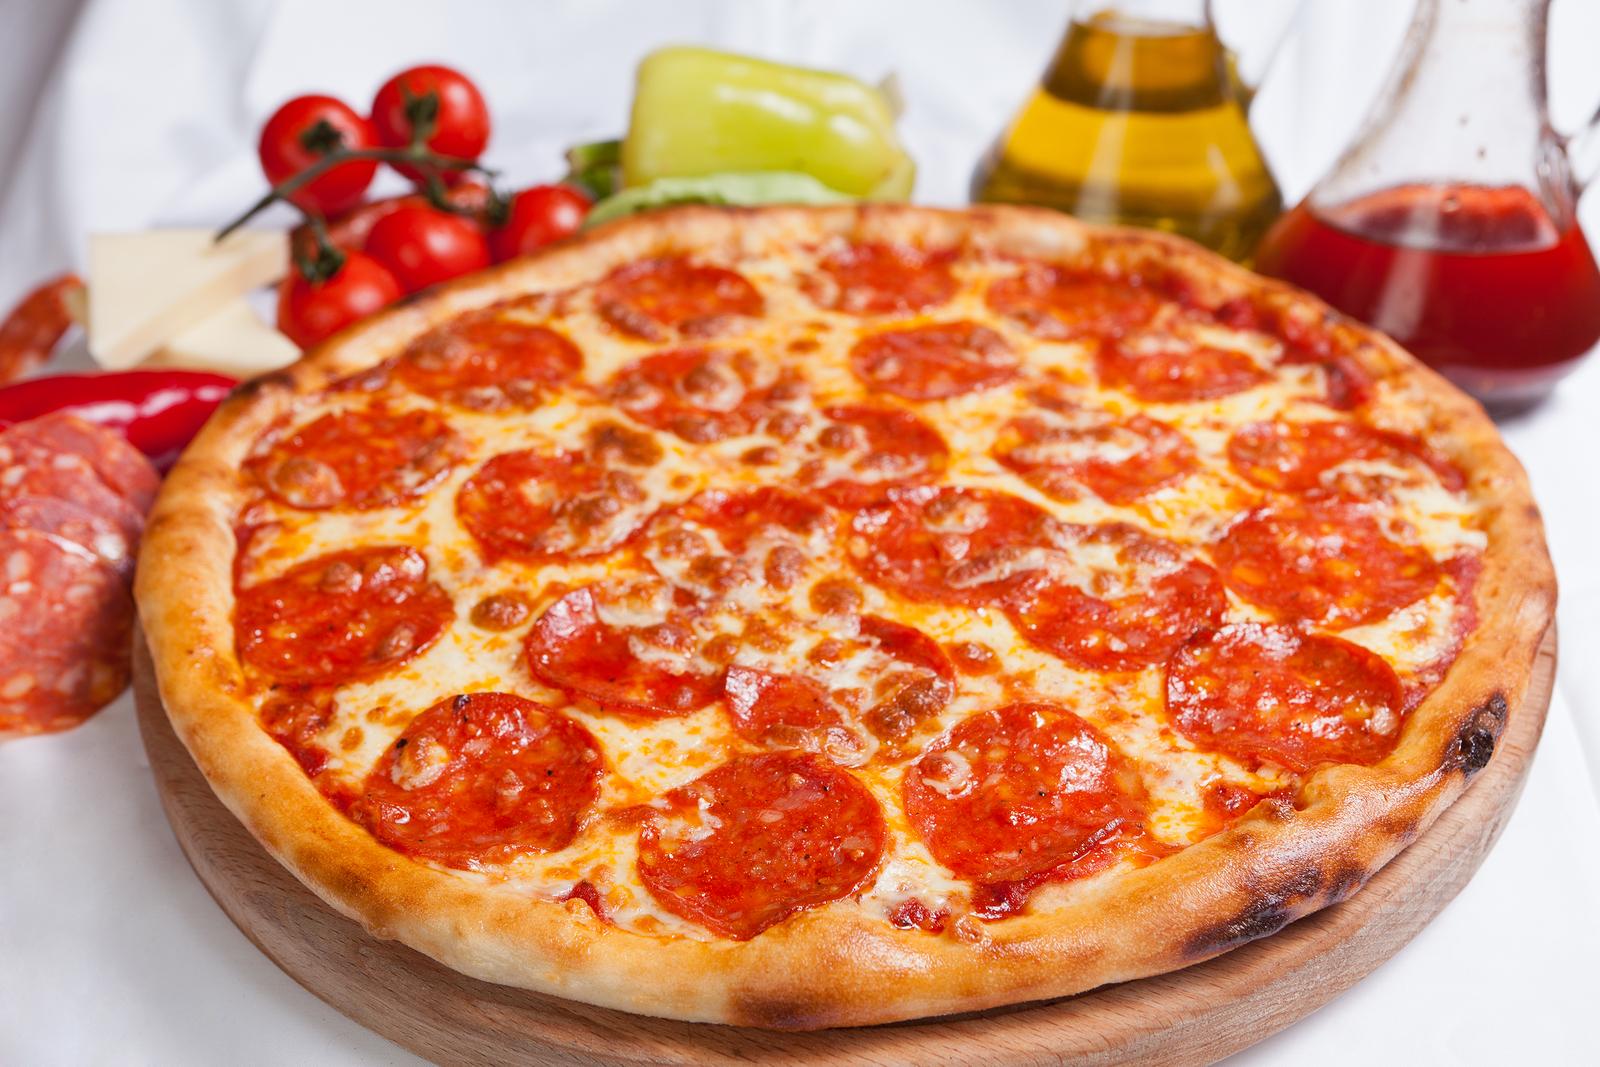 Encantador Ejemplos De Pizza Chef Reanudar Modelo - Ejemplo De ...